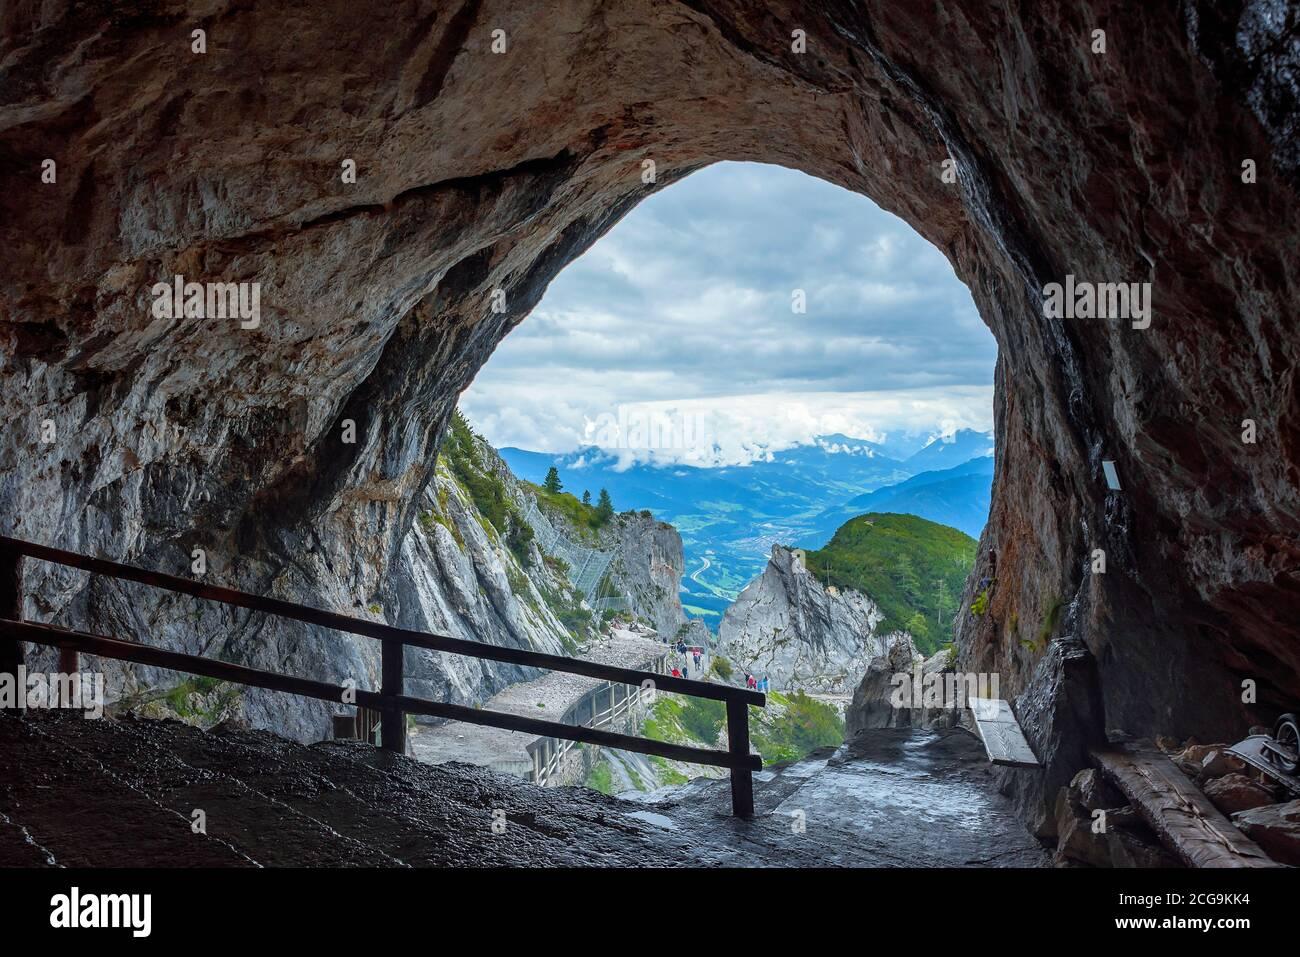 Entrada a la mayor cueva de hielo del mundo. Este lugar está en la Alta Austria, al lado de la ciudad de Werfen. Patrimonio mundial de la UNESCO. Unas vistas increíbles en el centro Foto de stock